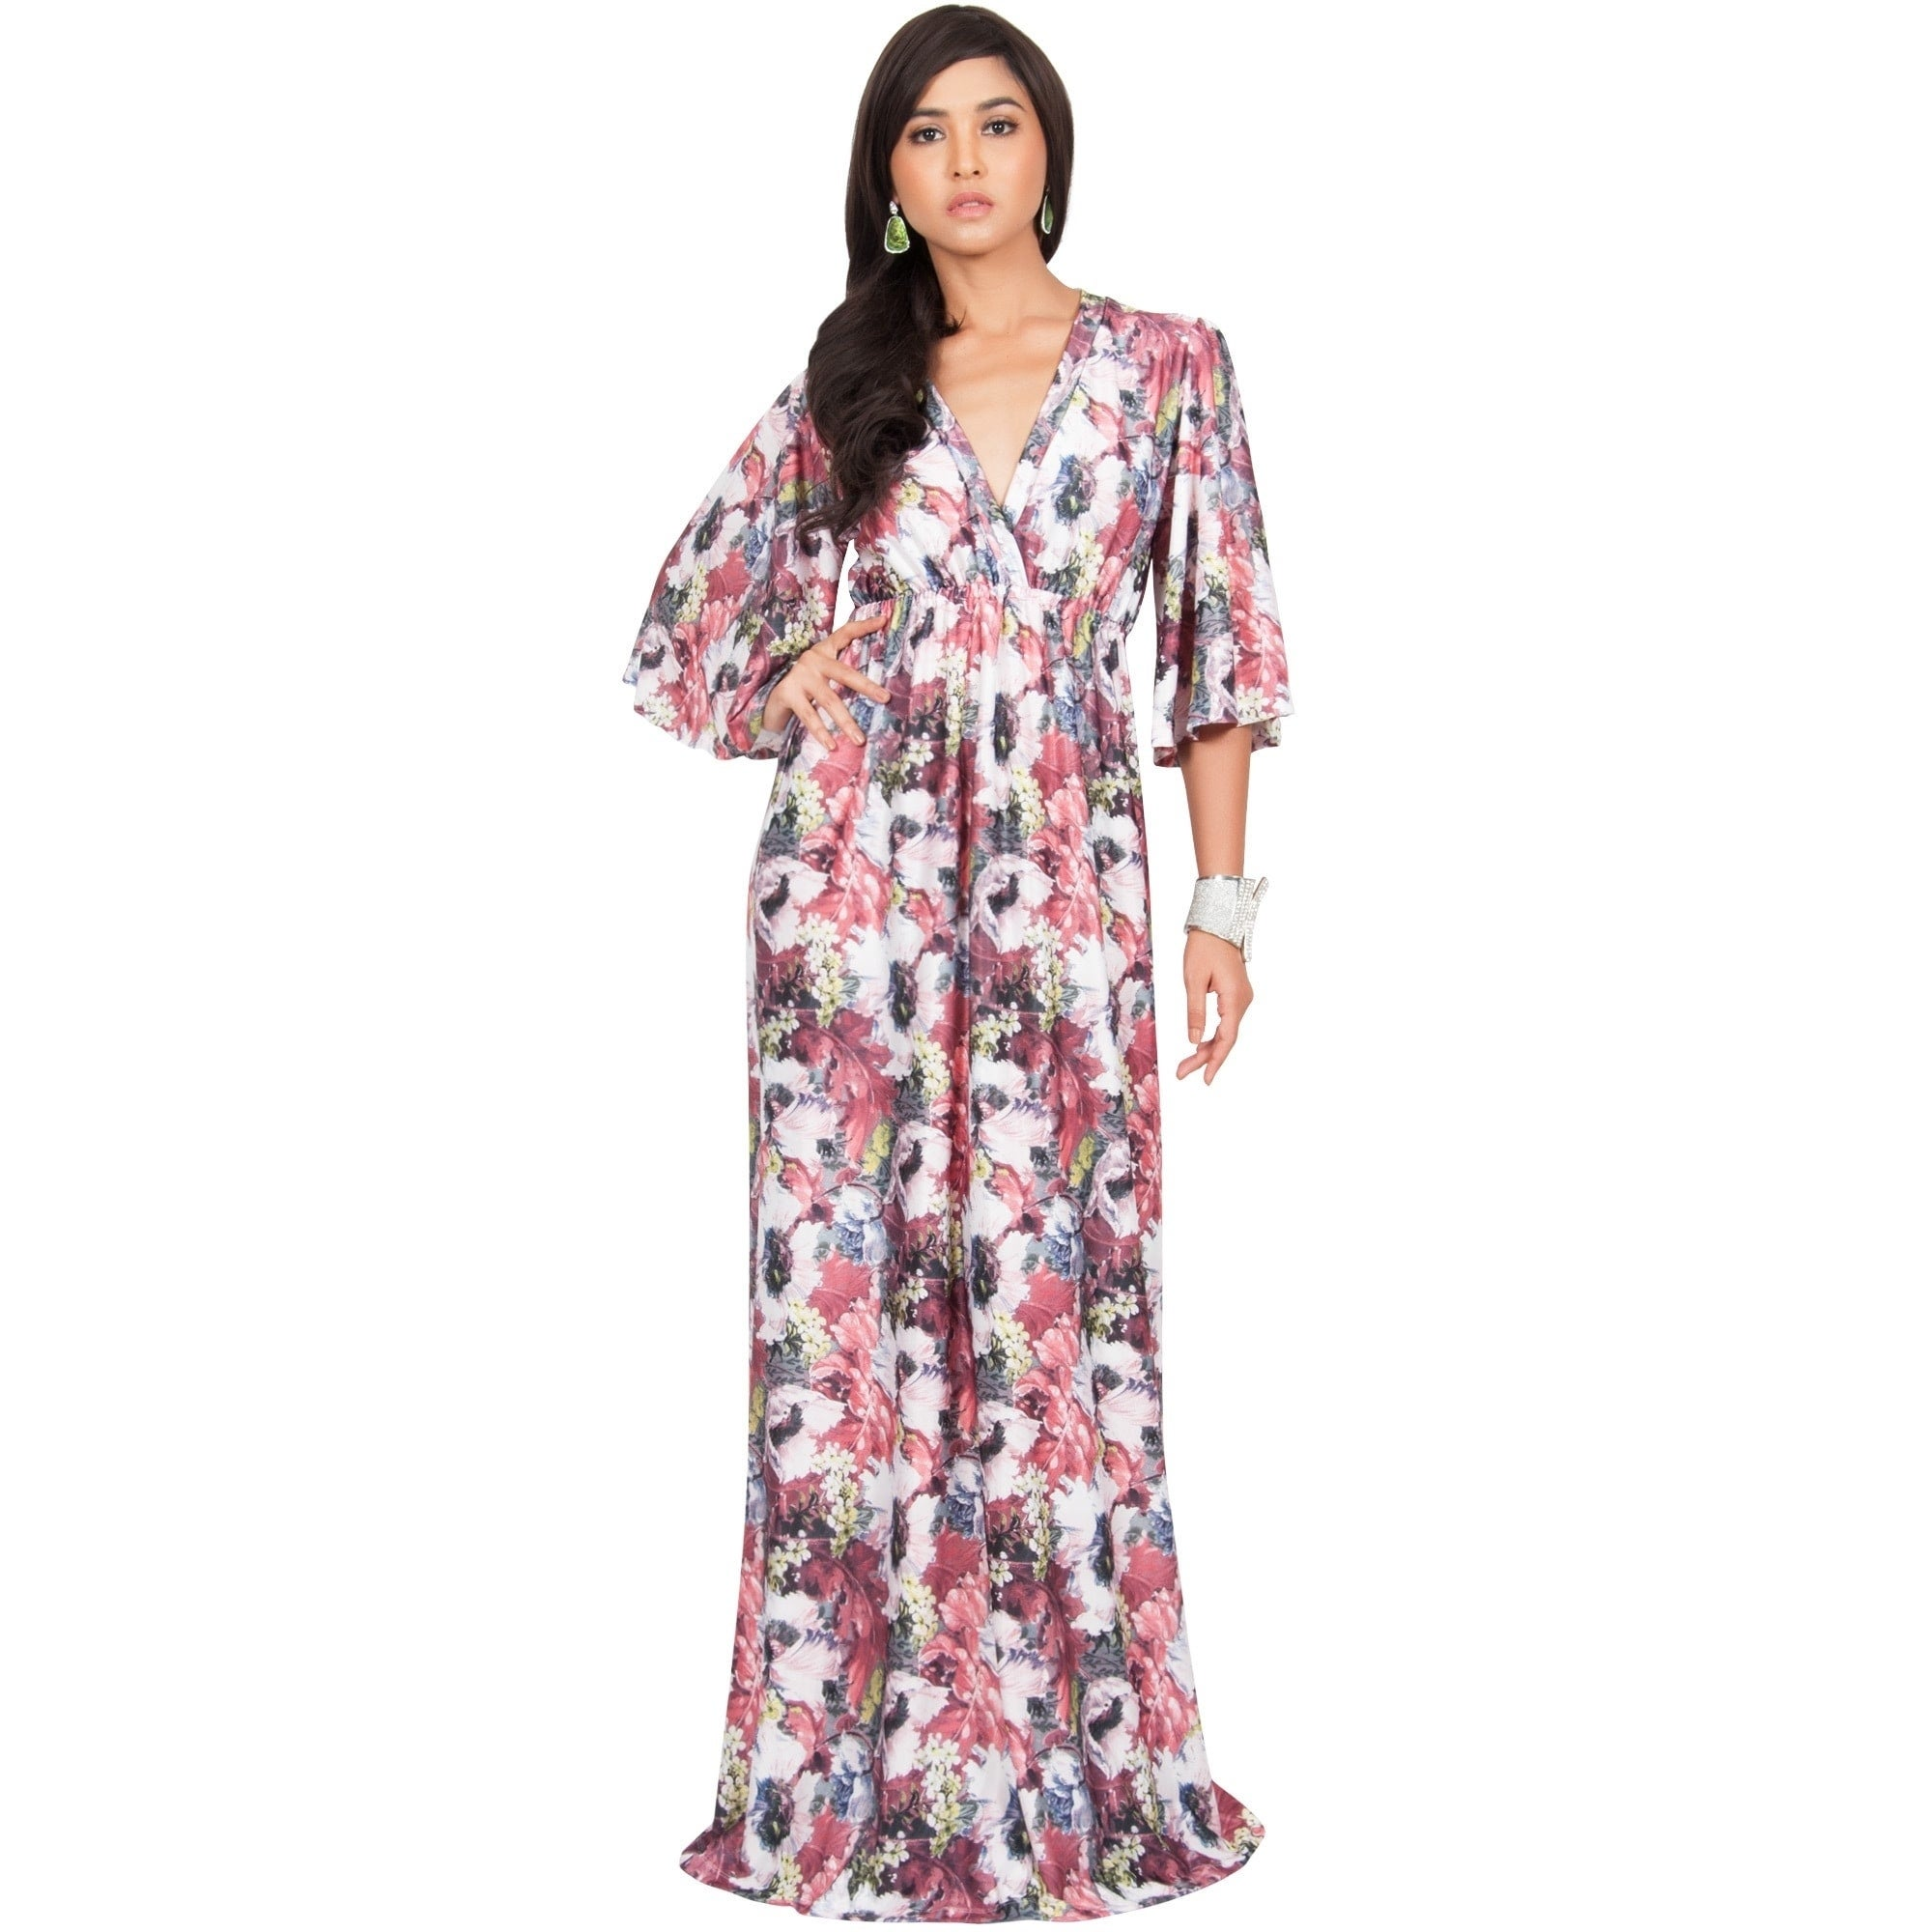 Koh Koh Women\'s Long Kimono Sleeve Spandex Blend Floral Print Flowy ...